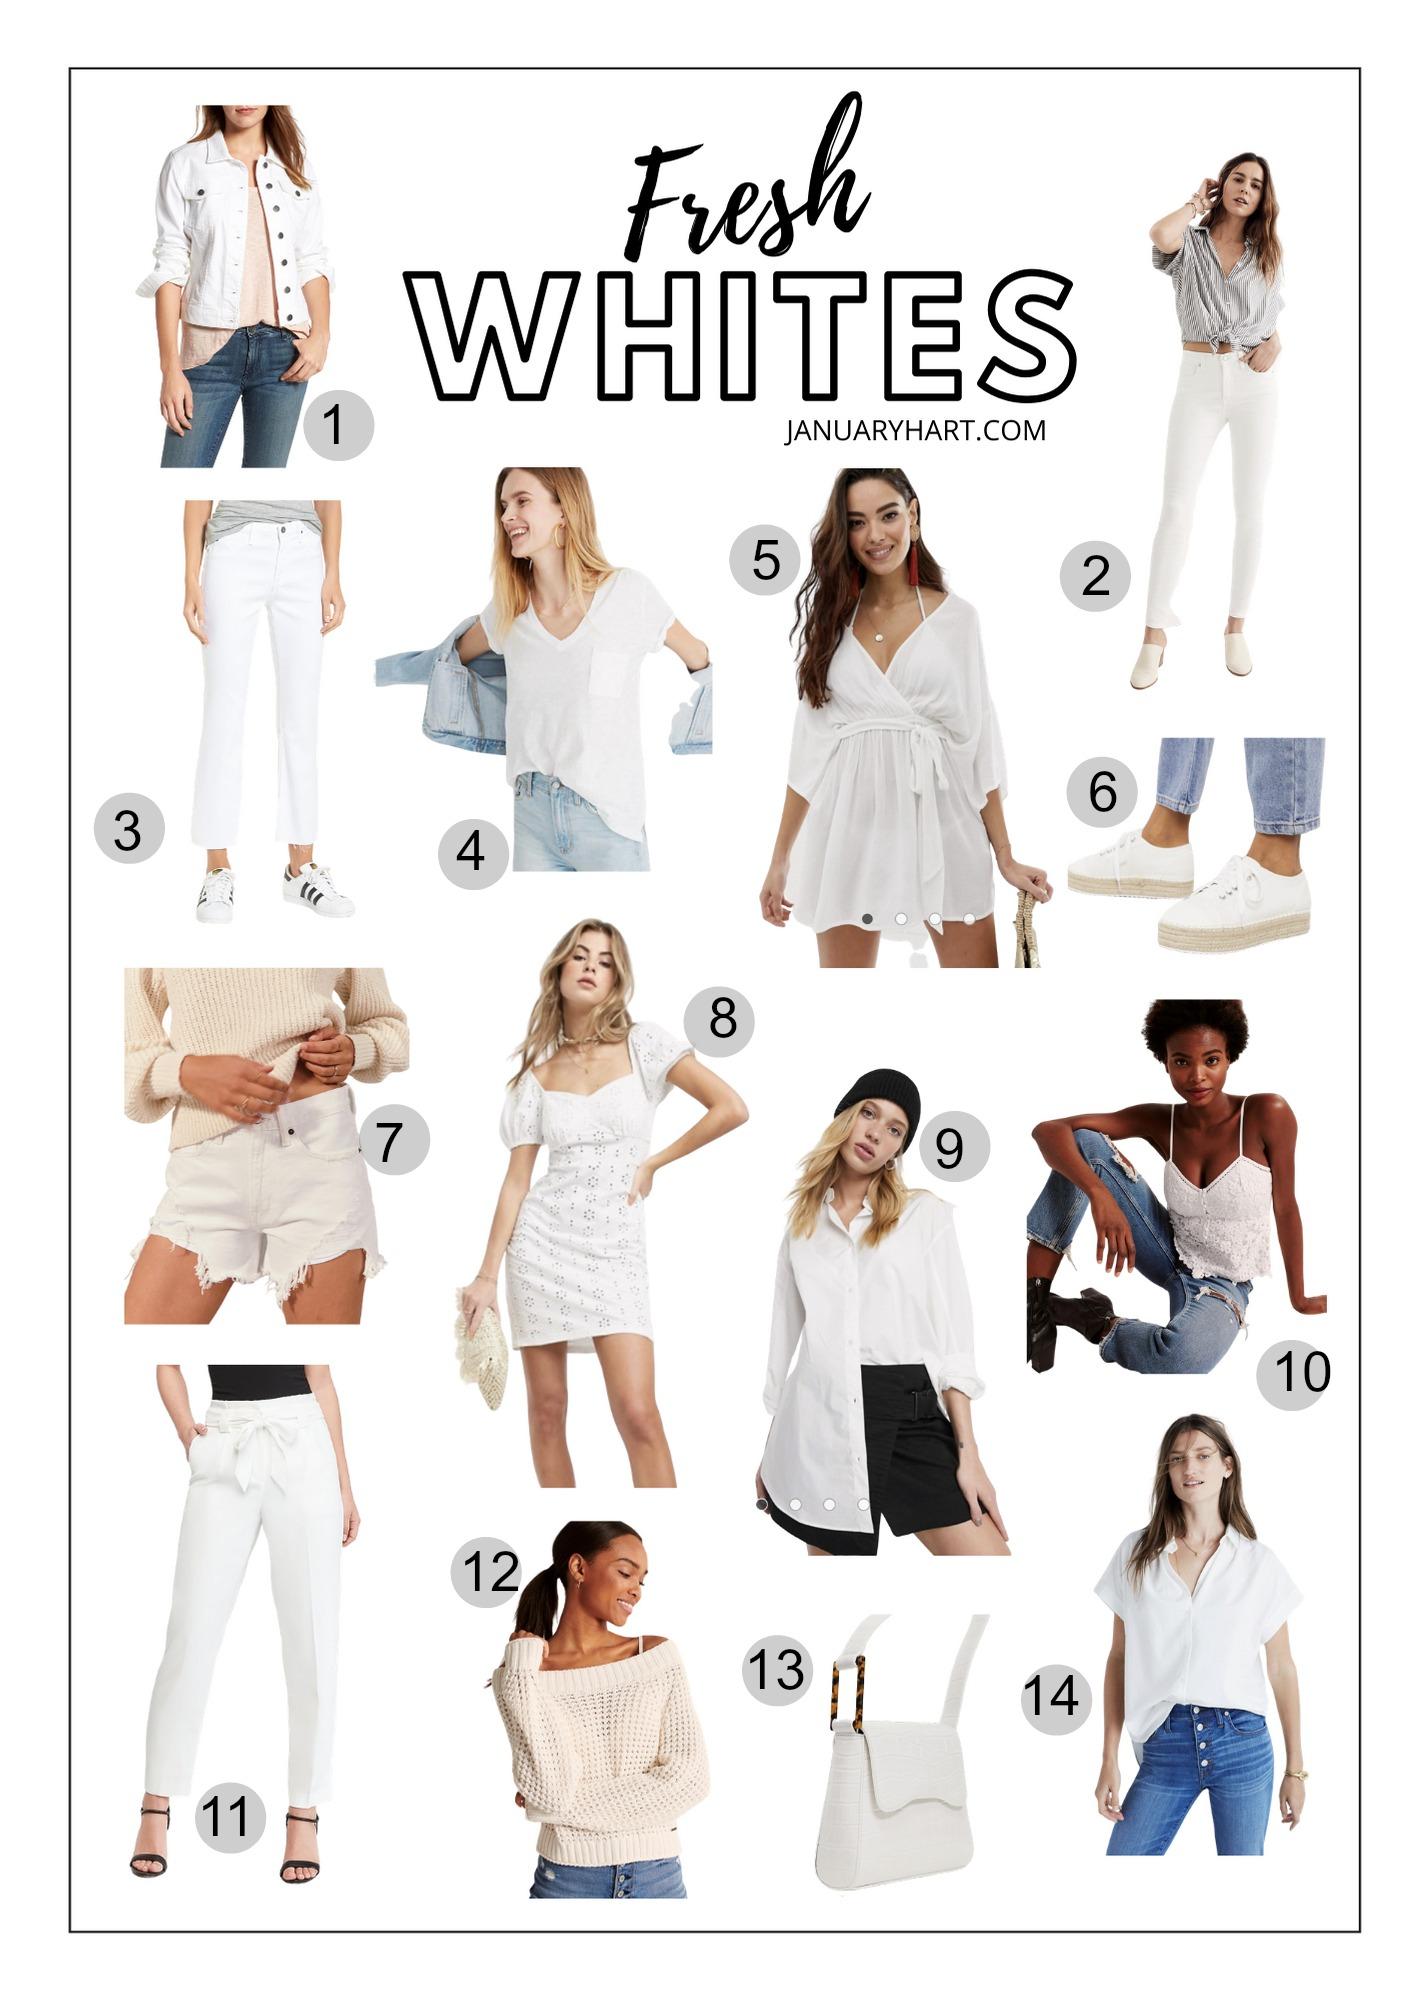 White basics for Spring 2020